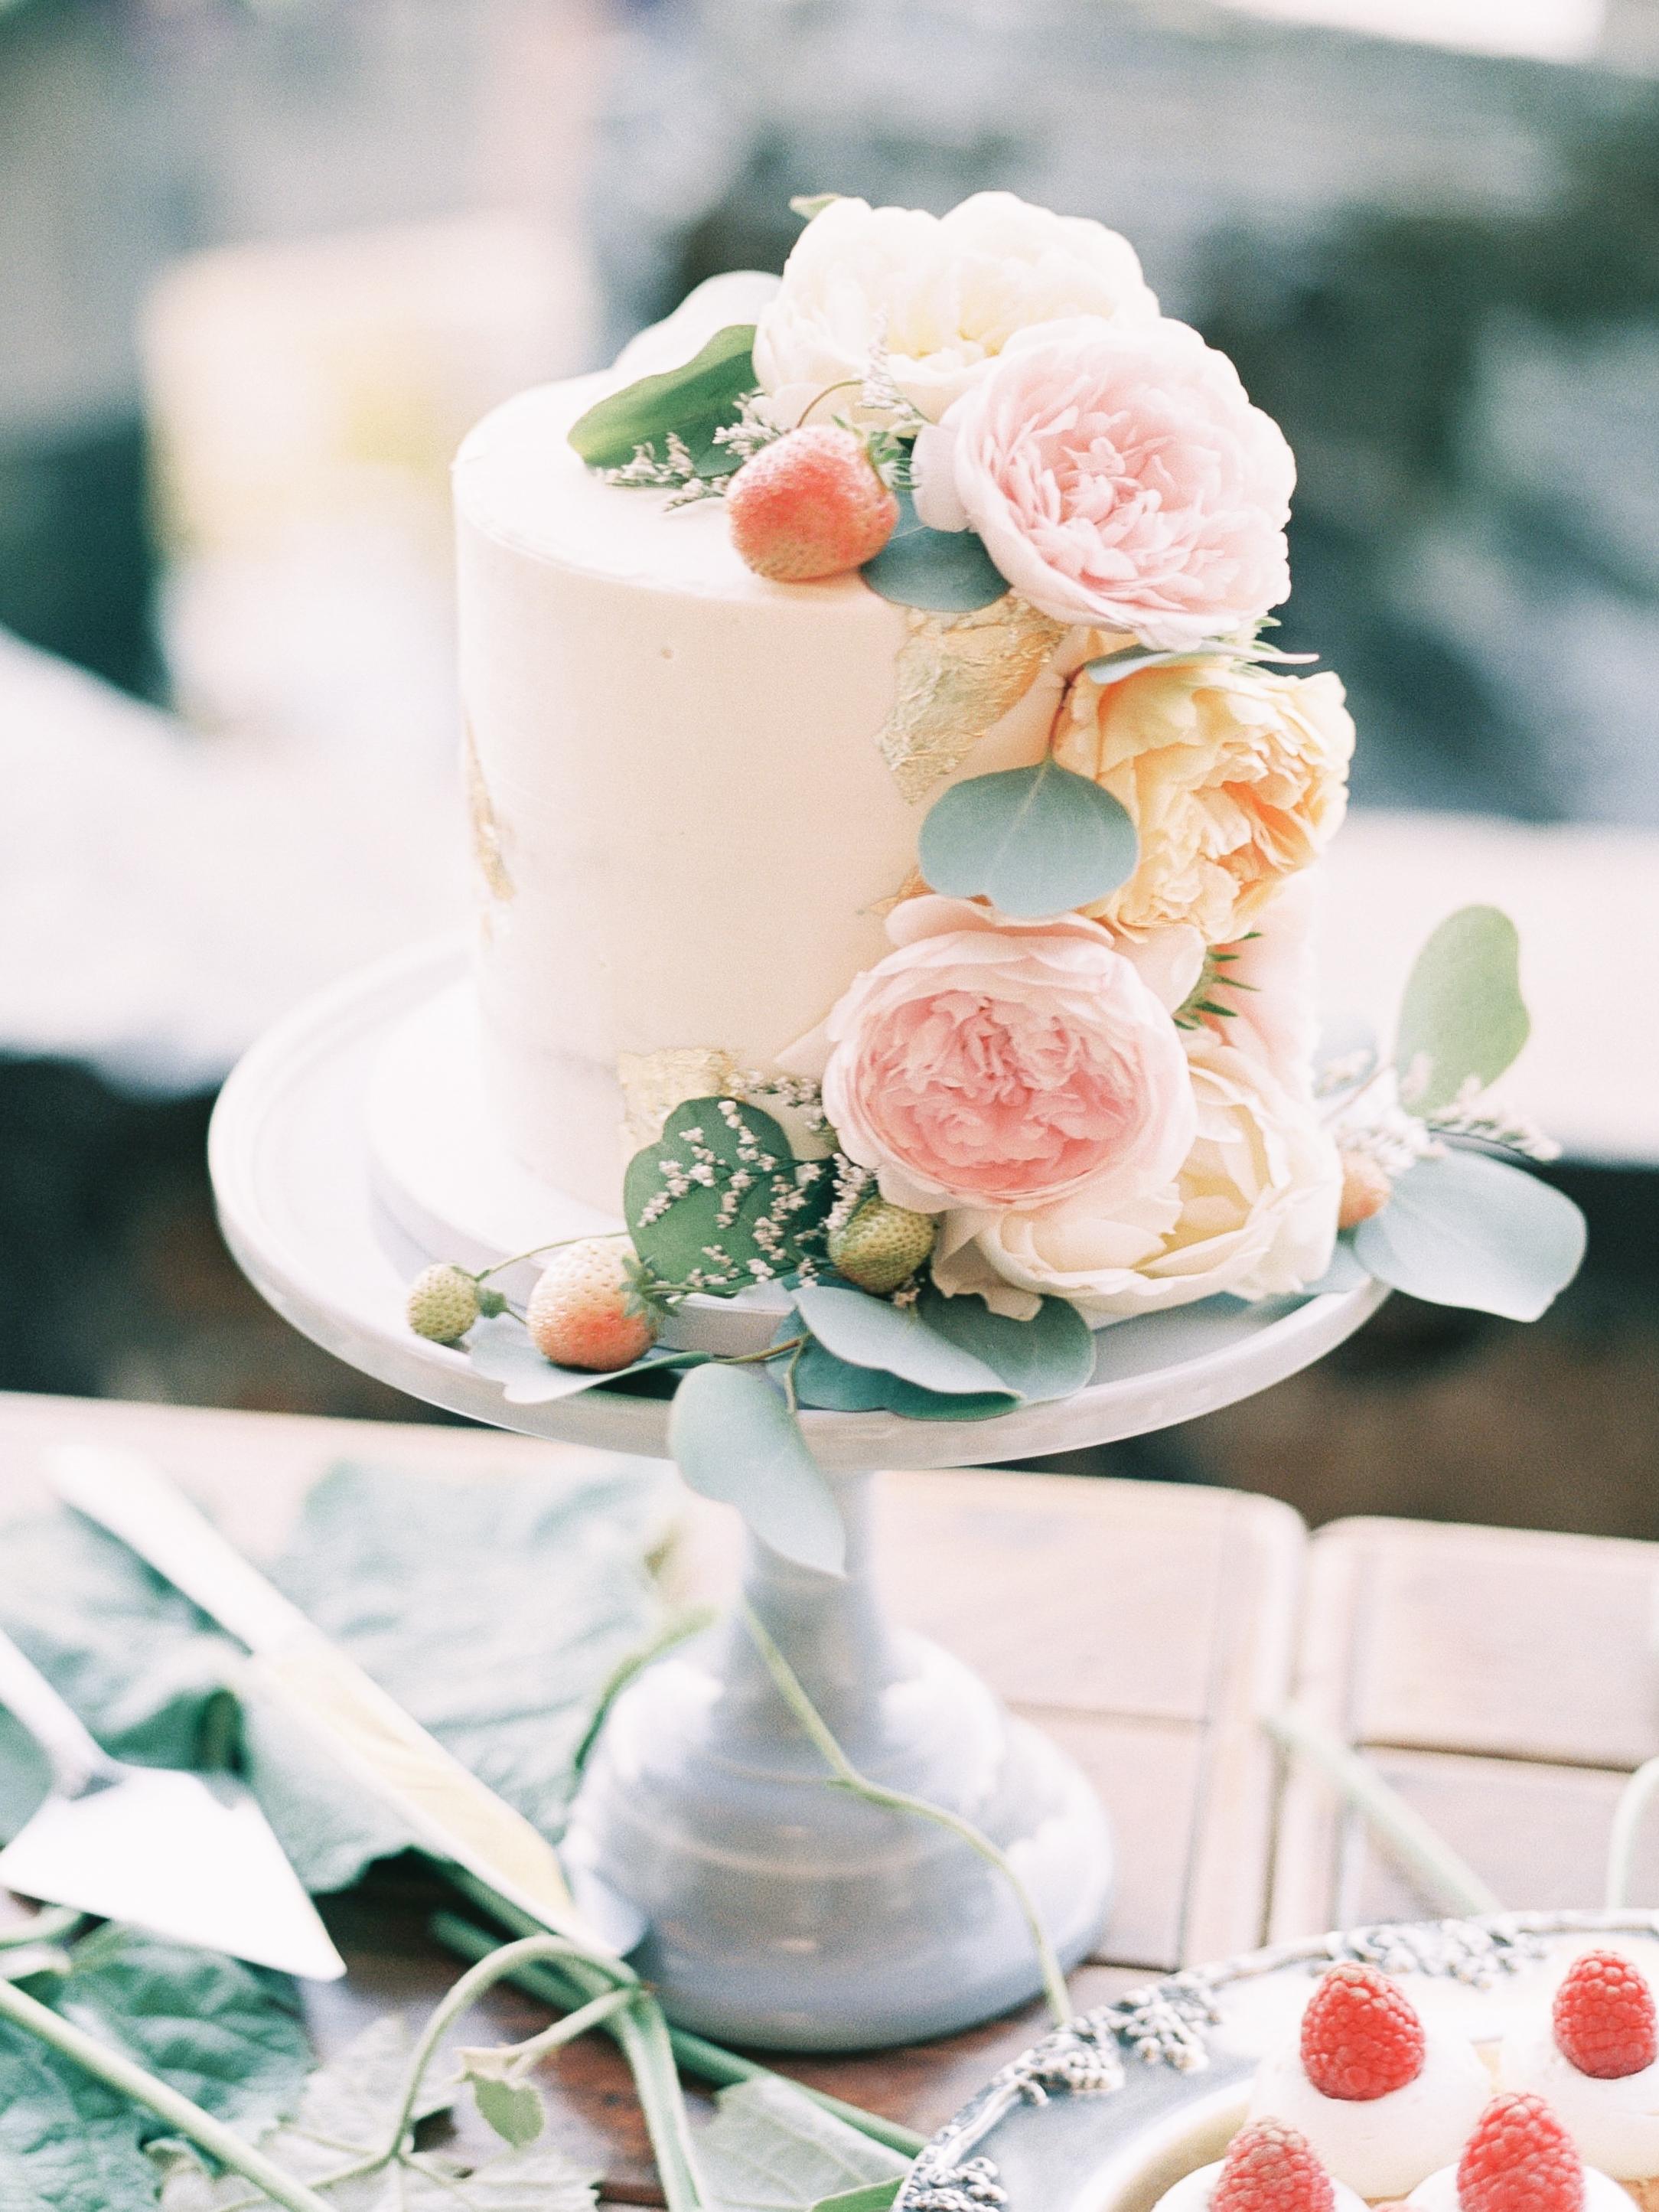 The Sassy Cupcake